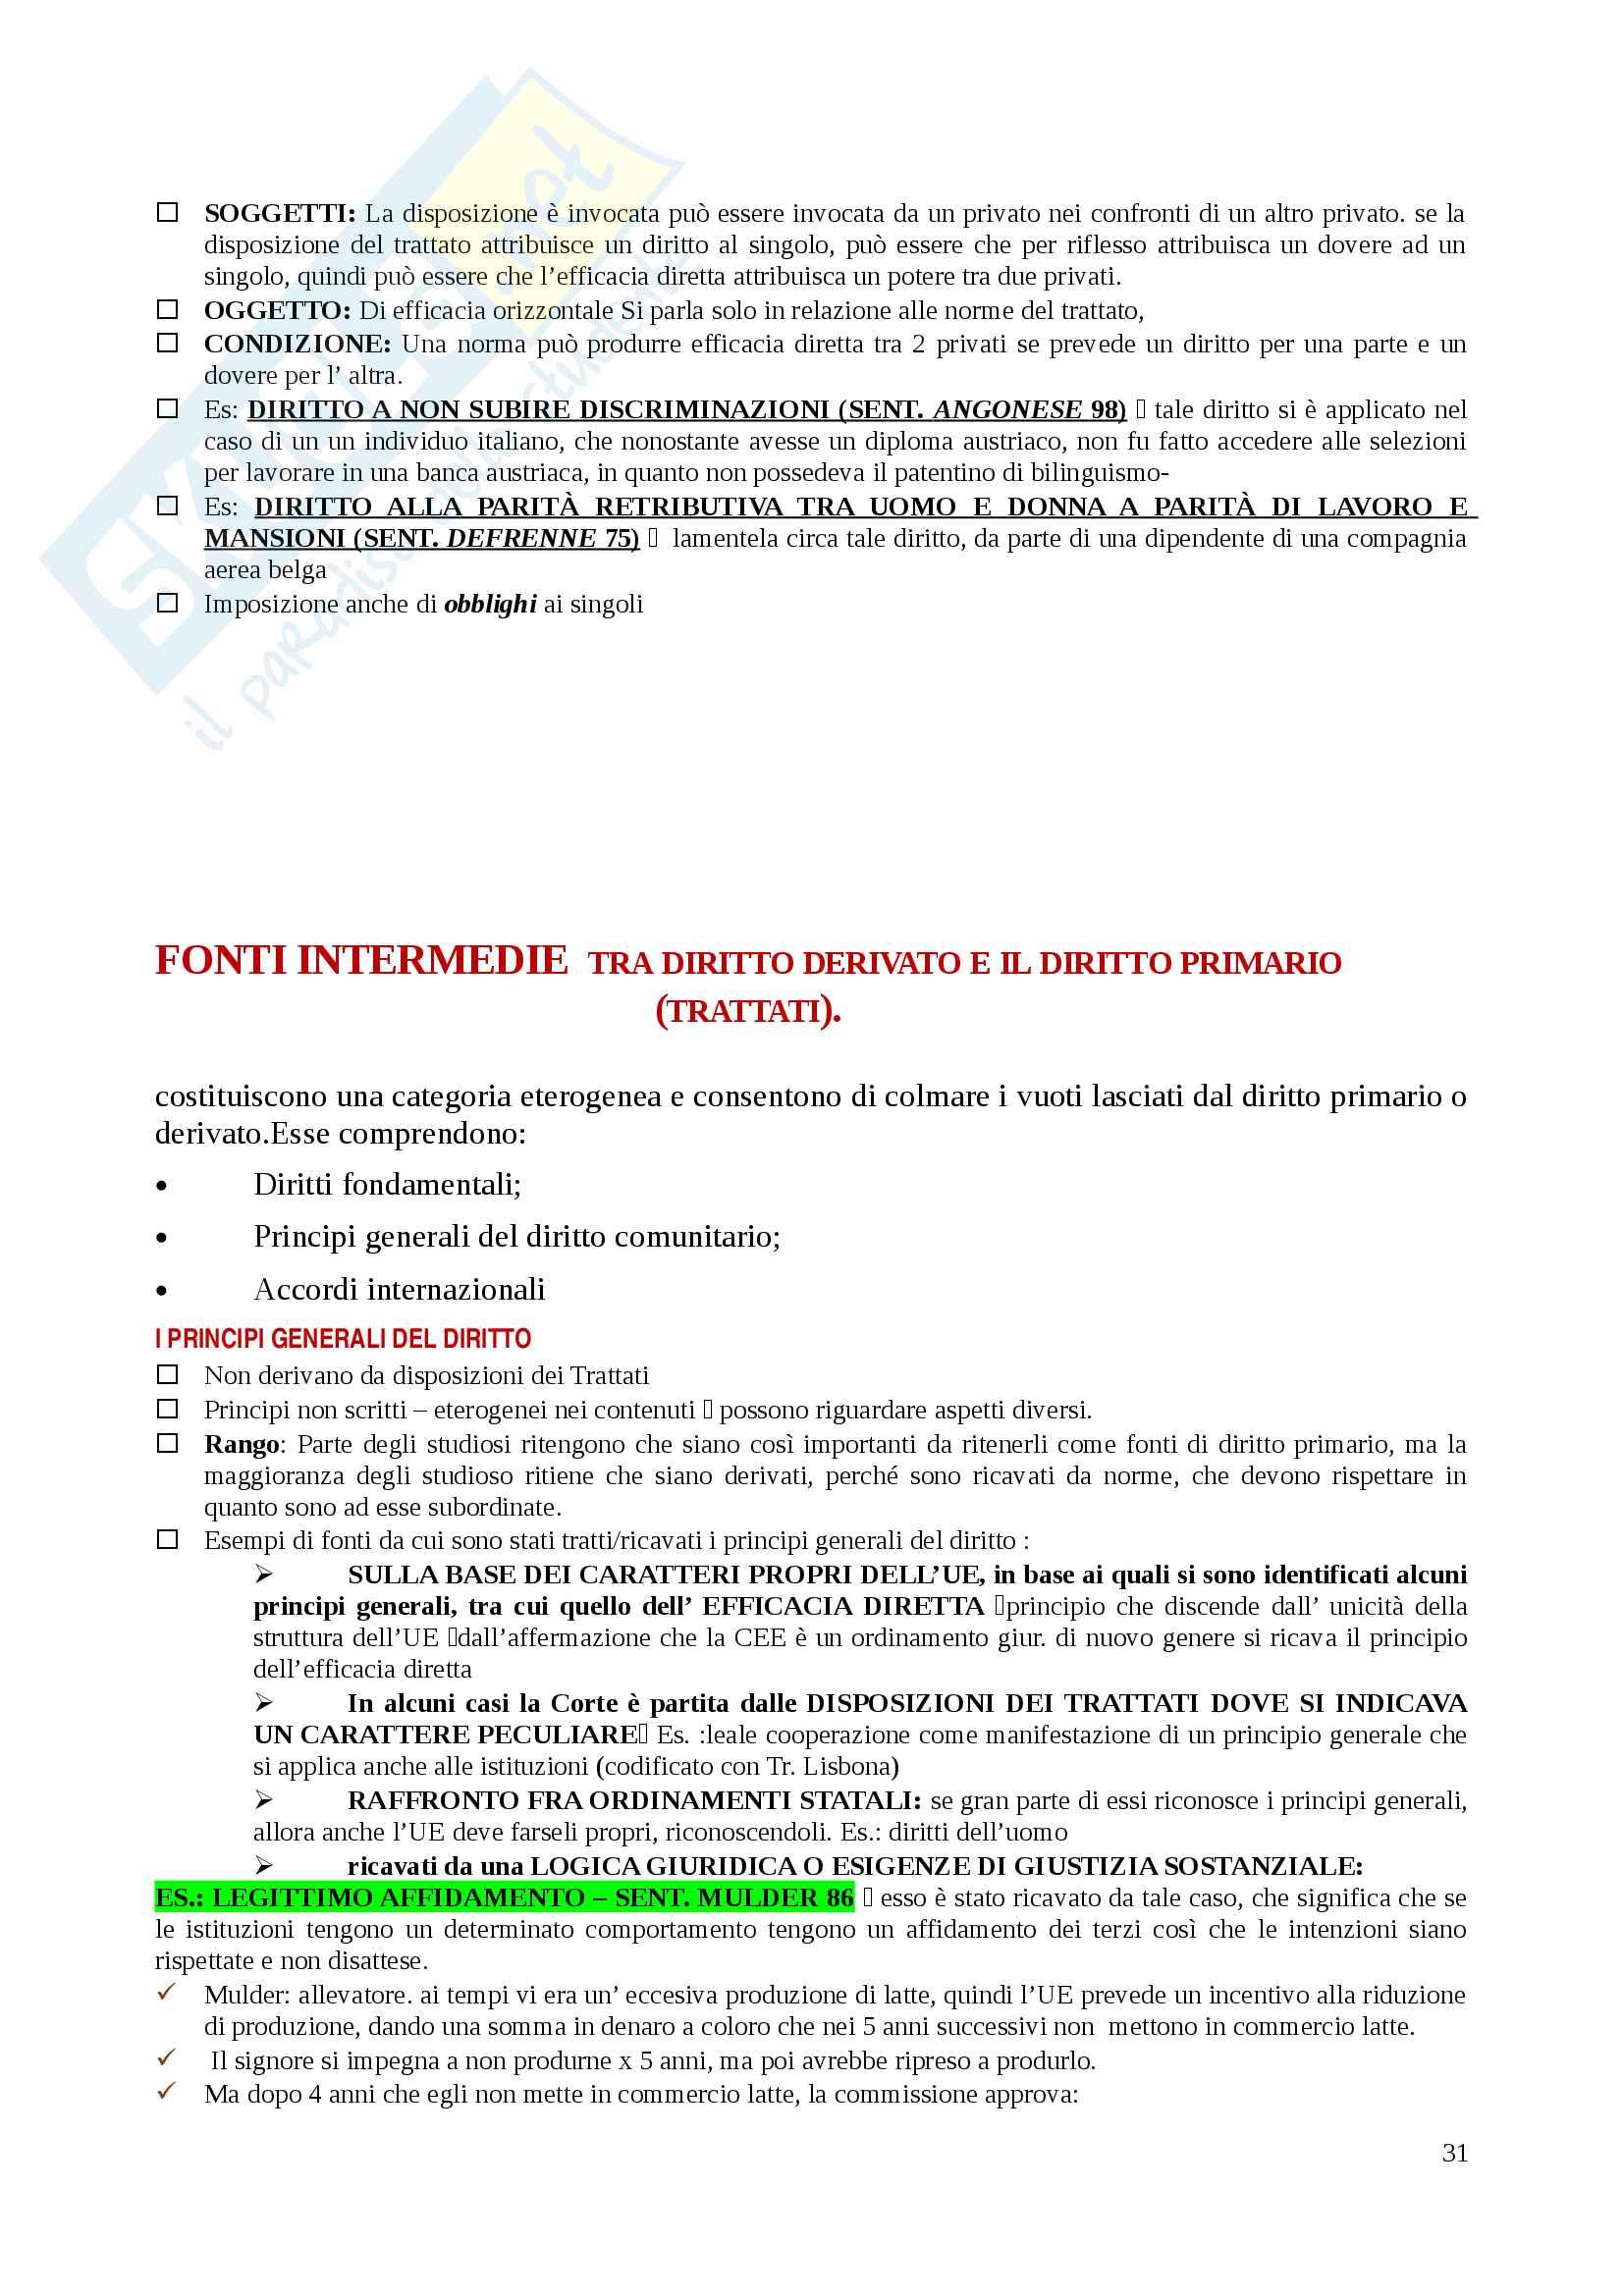 Riassunti Diritto dell'Unione Europea Pag. 31